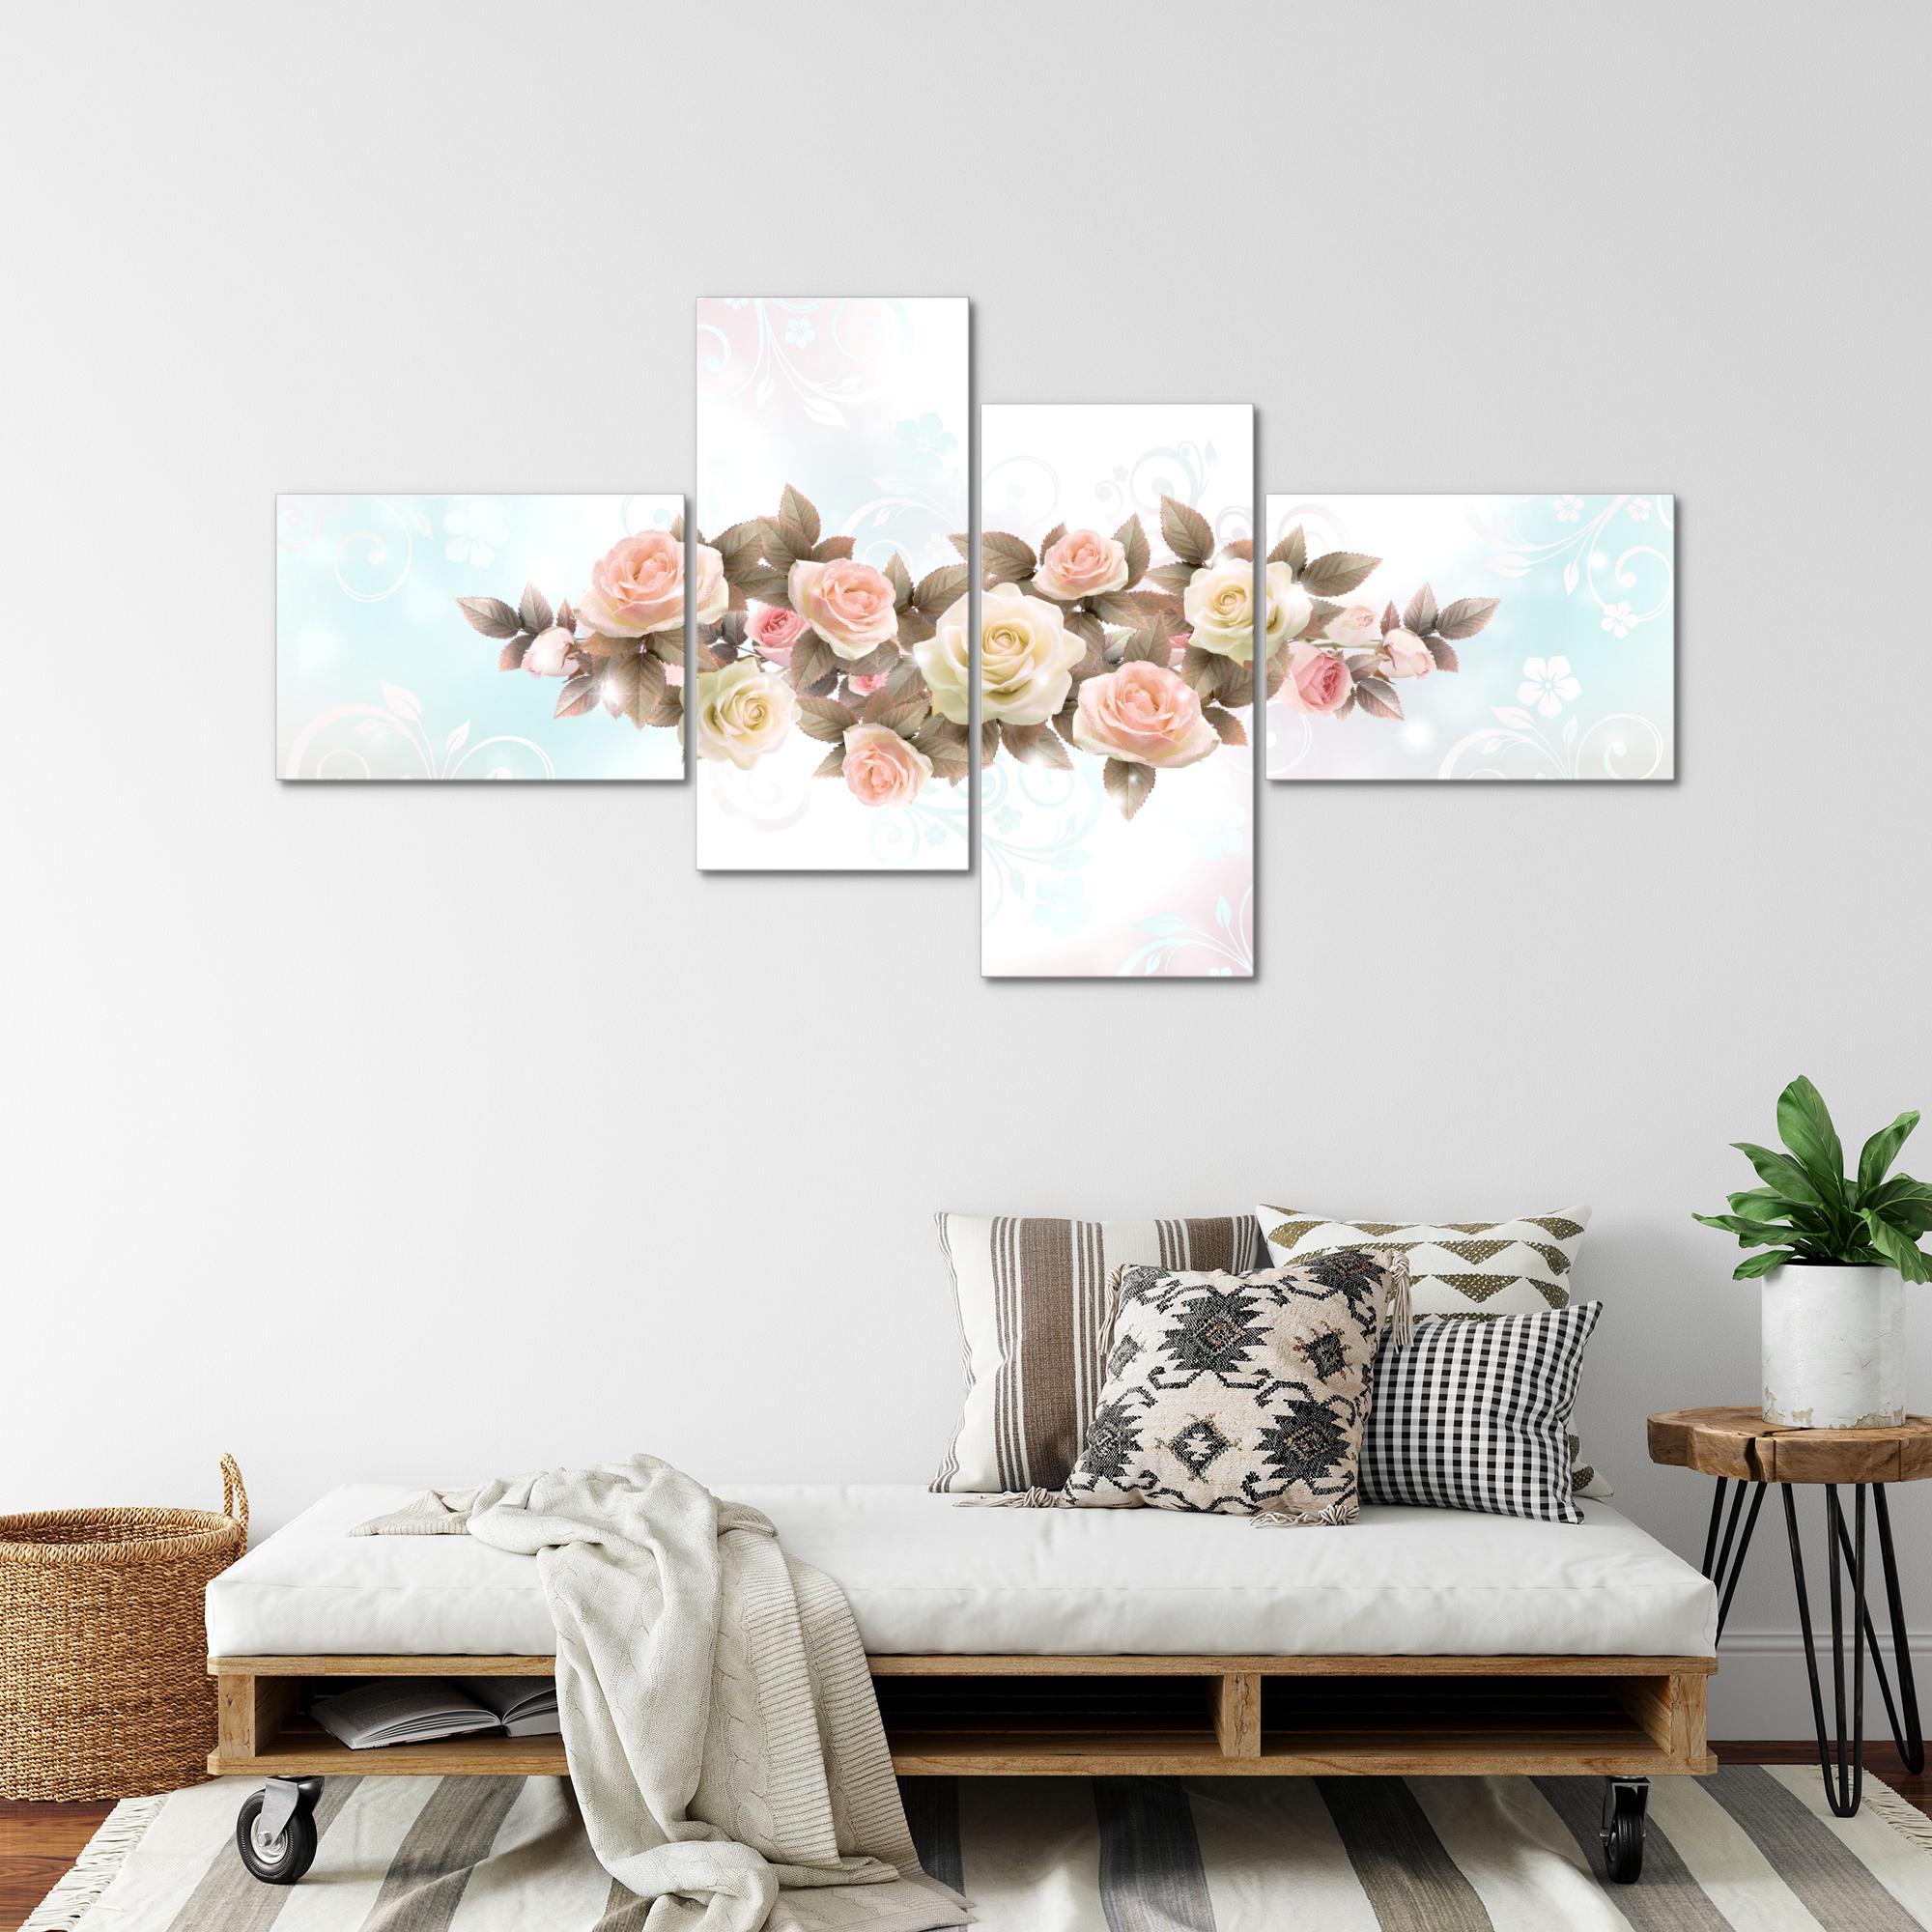 blumen rosen bild kunstdruck auf vlies leinwand xxl dekoration 02234p. Black Bedroom Furniture Sets. Home Design Ideas